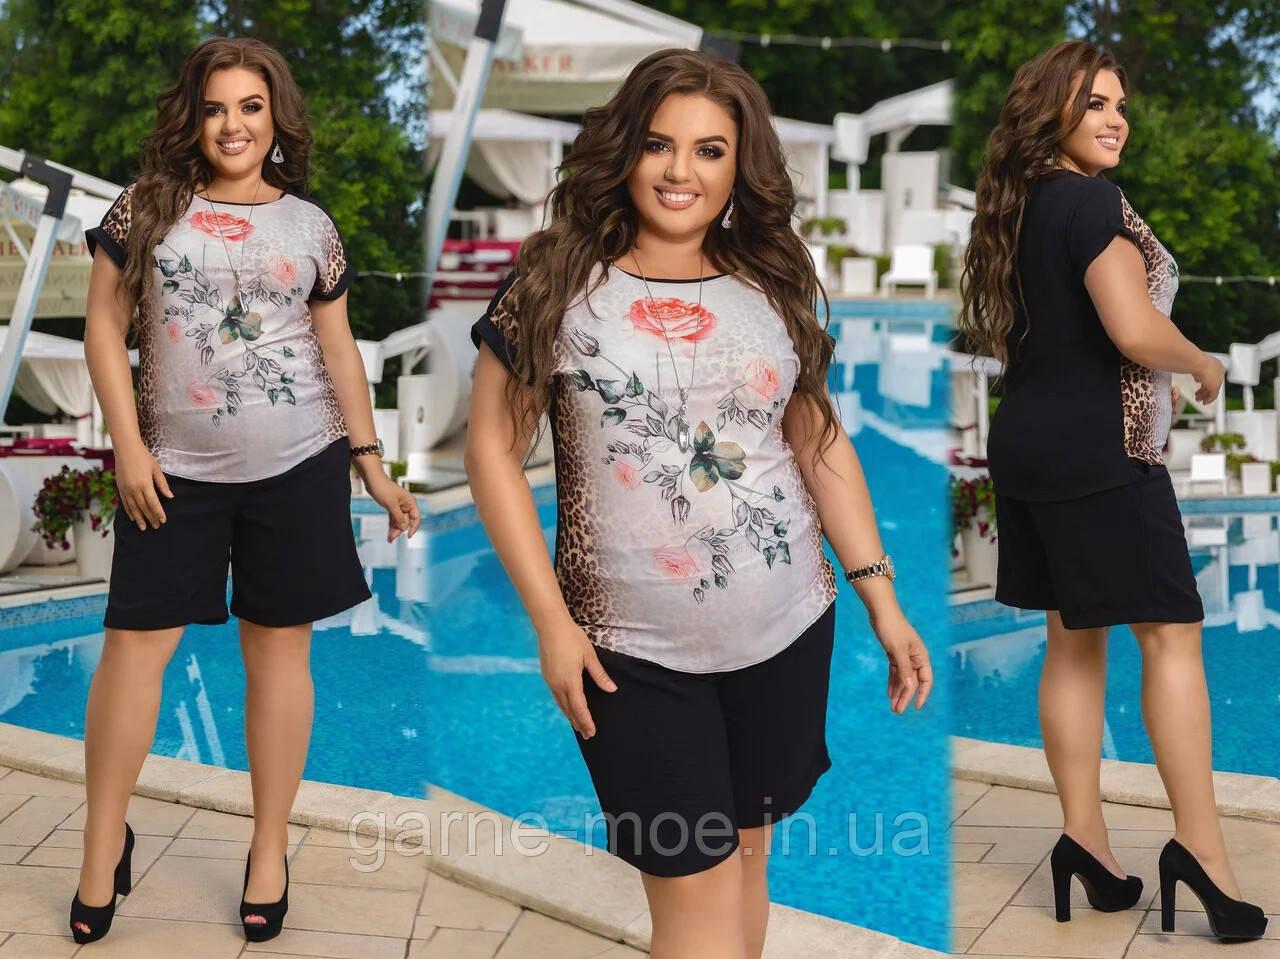 ТИ51226 Женский летний костюм батал  с шортами разные цвета